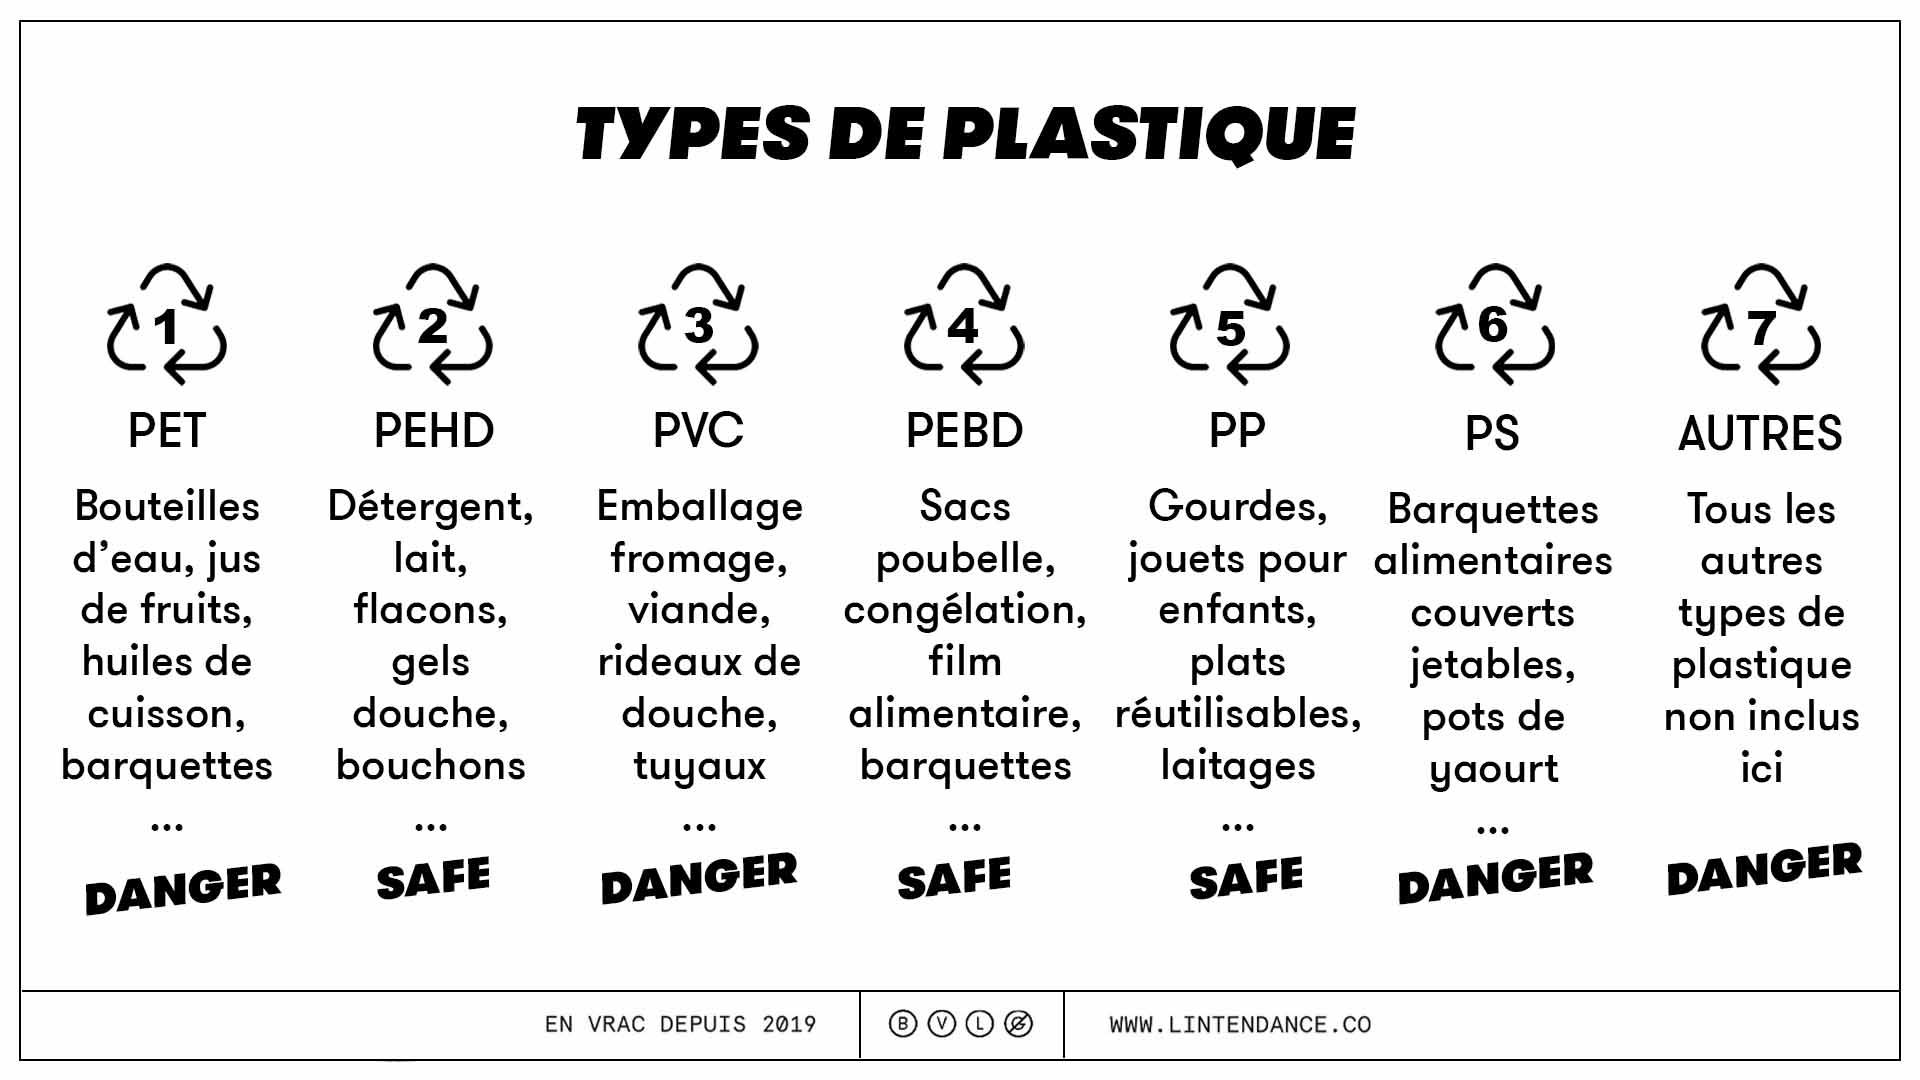 Différents types de plastique zéro déchet recyclable environnement